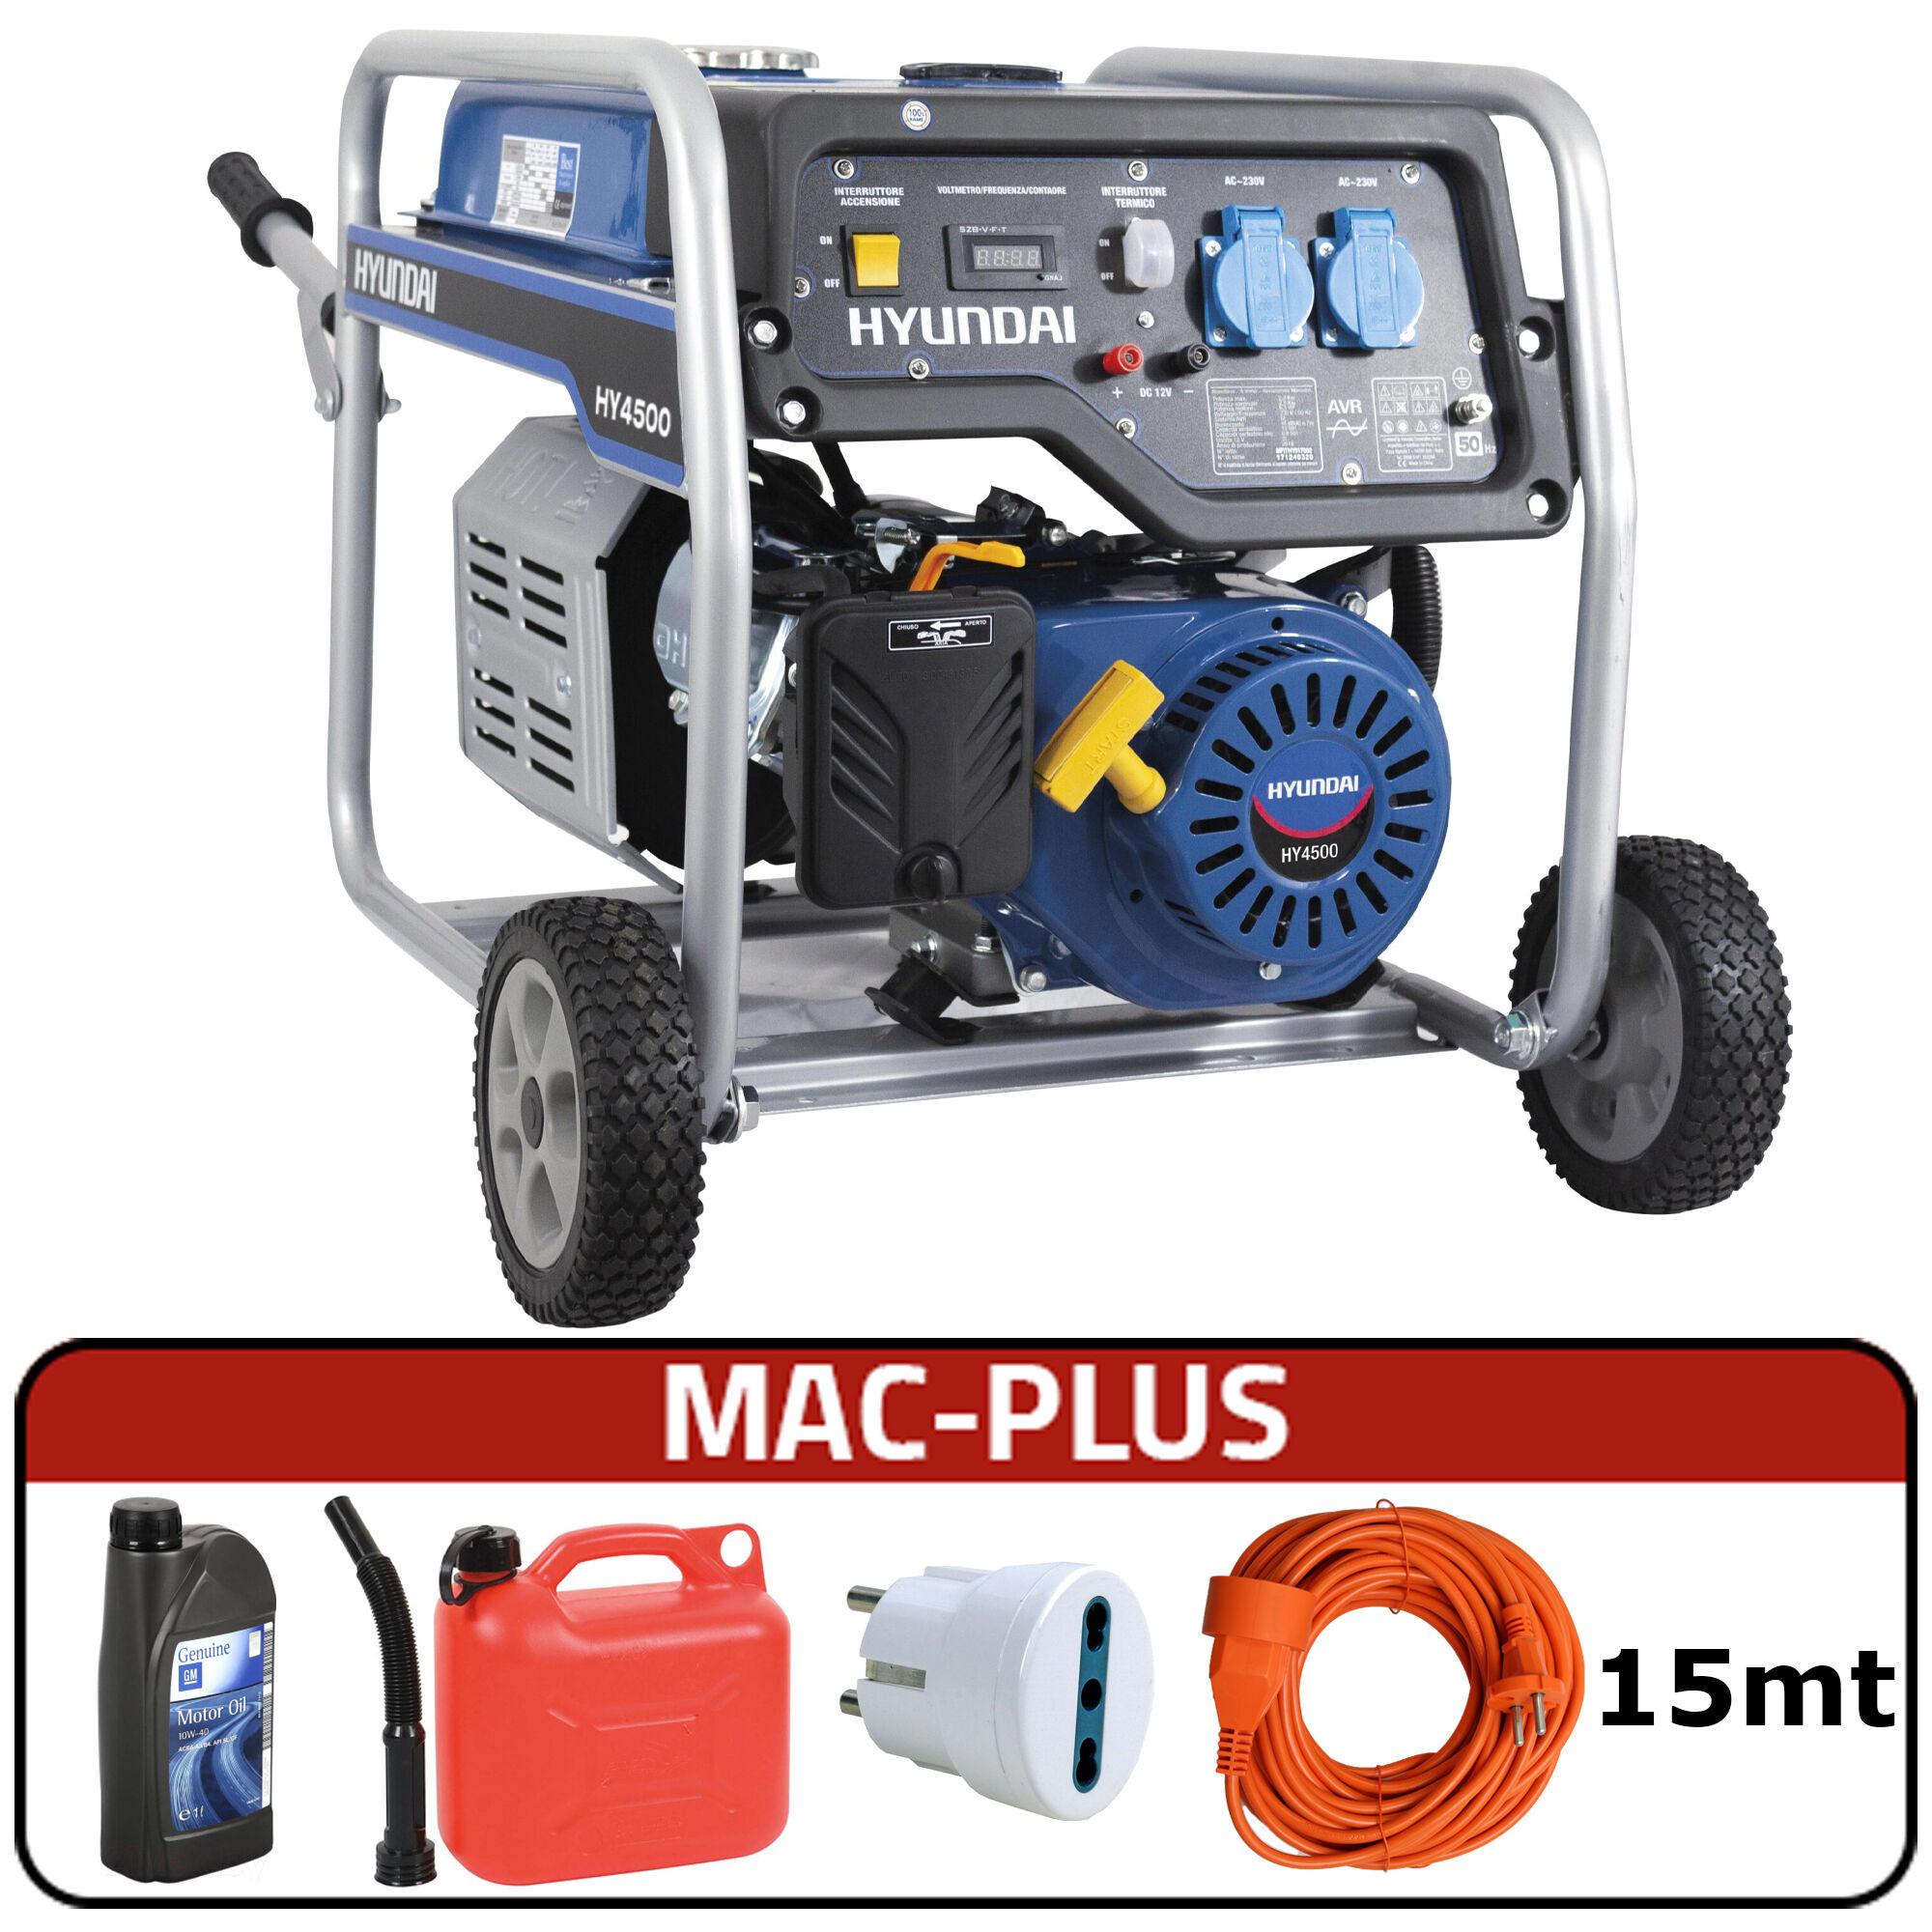 hyundai generatore di corrente carrellato hyundai 65015 - hy4500 con avr + mac-plus